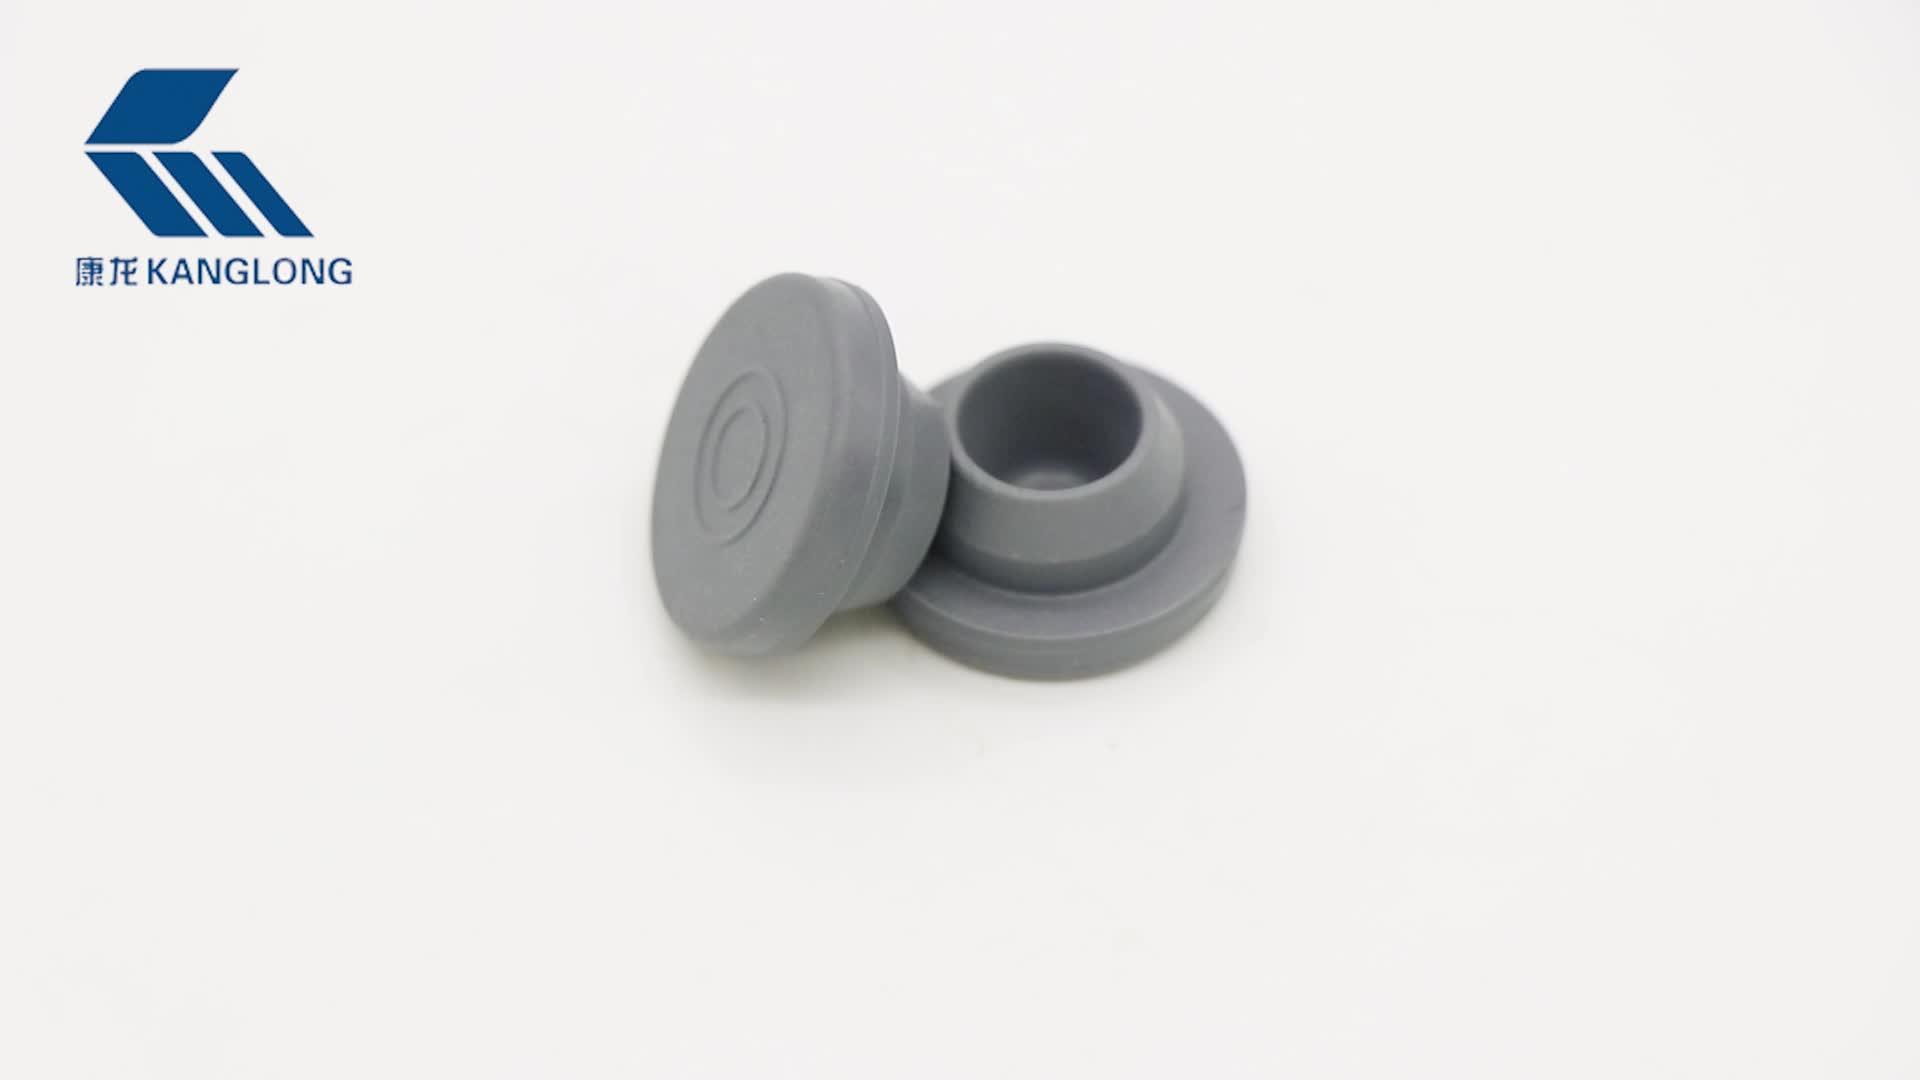 13mm 20mm 28mm 32mm butyl gummi stopper für injektion fläschchen/flasche